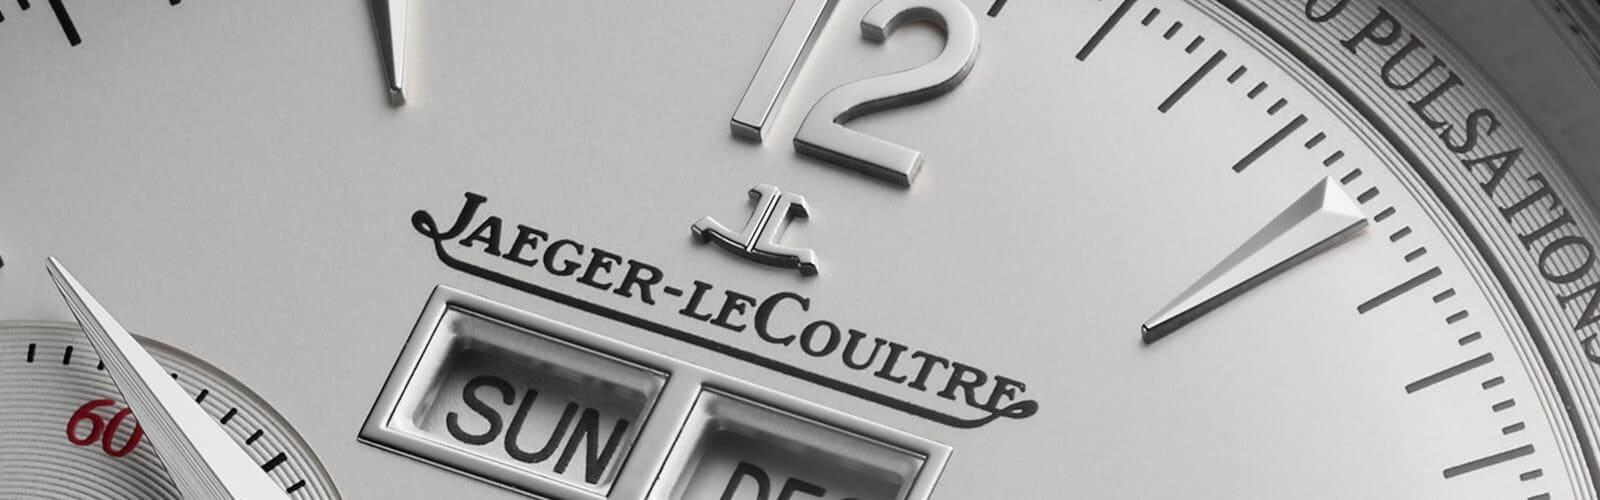 JAEGER-LECOULTRE_Master Control_Chronograph Calendar Header